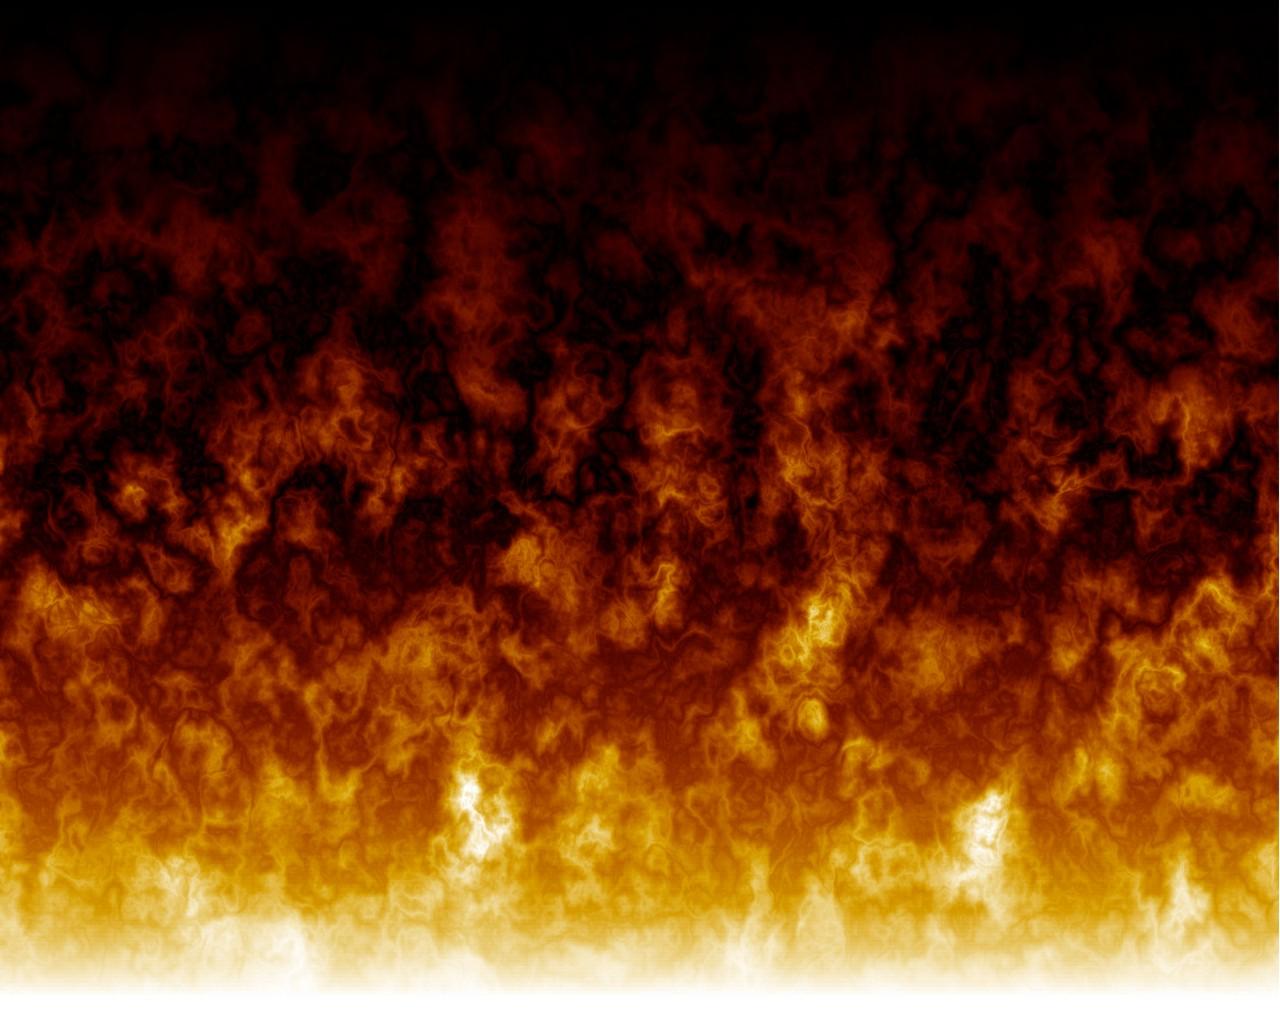 fire wallpaper burst